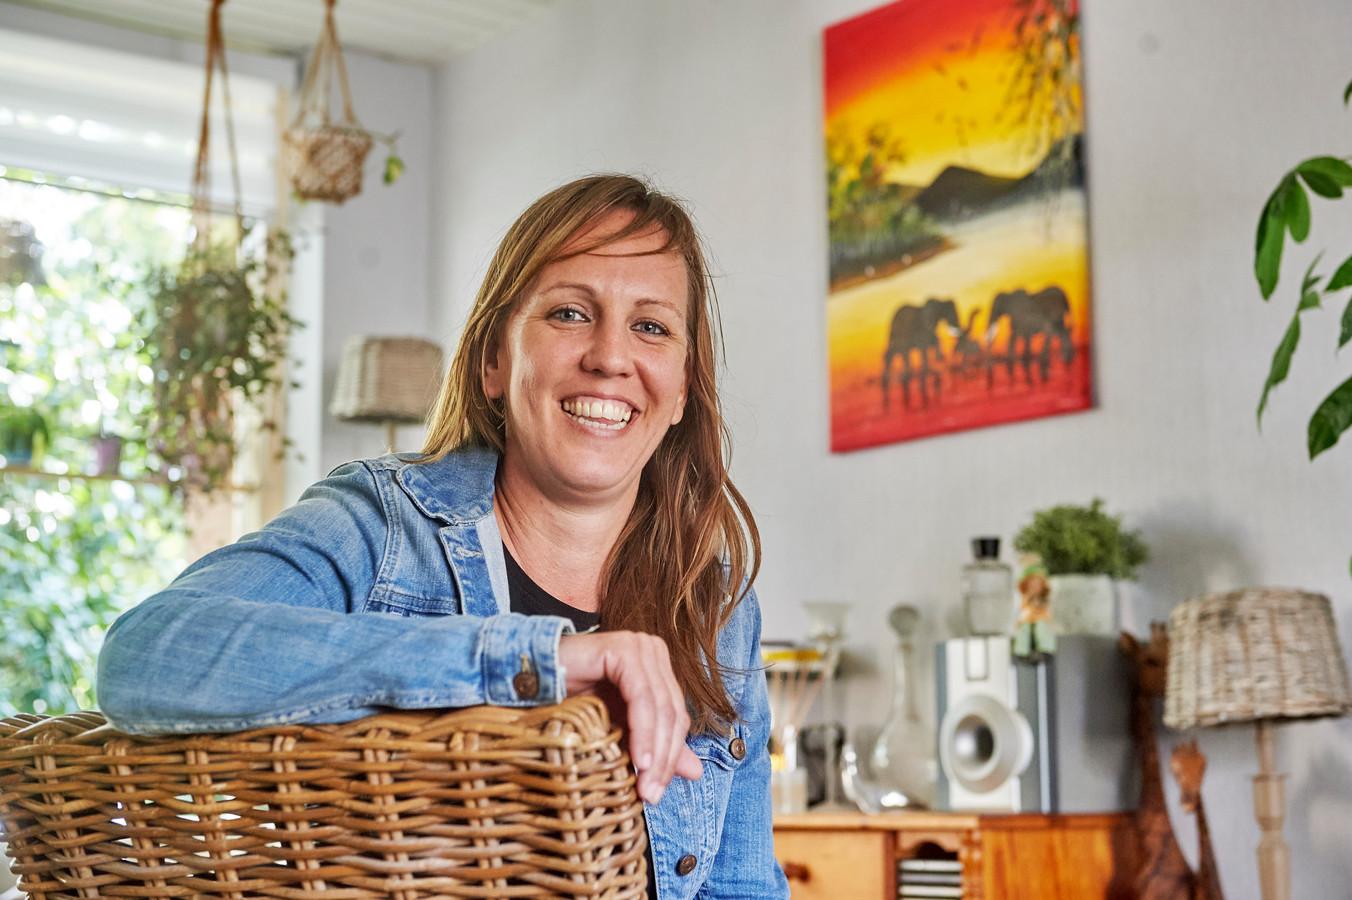 Melissa Kreps is even terug in Geffen. Ze heeft een eigen opvanghuis voor straatjongens in Kenia.